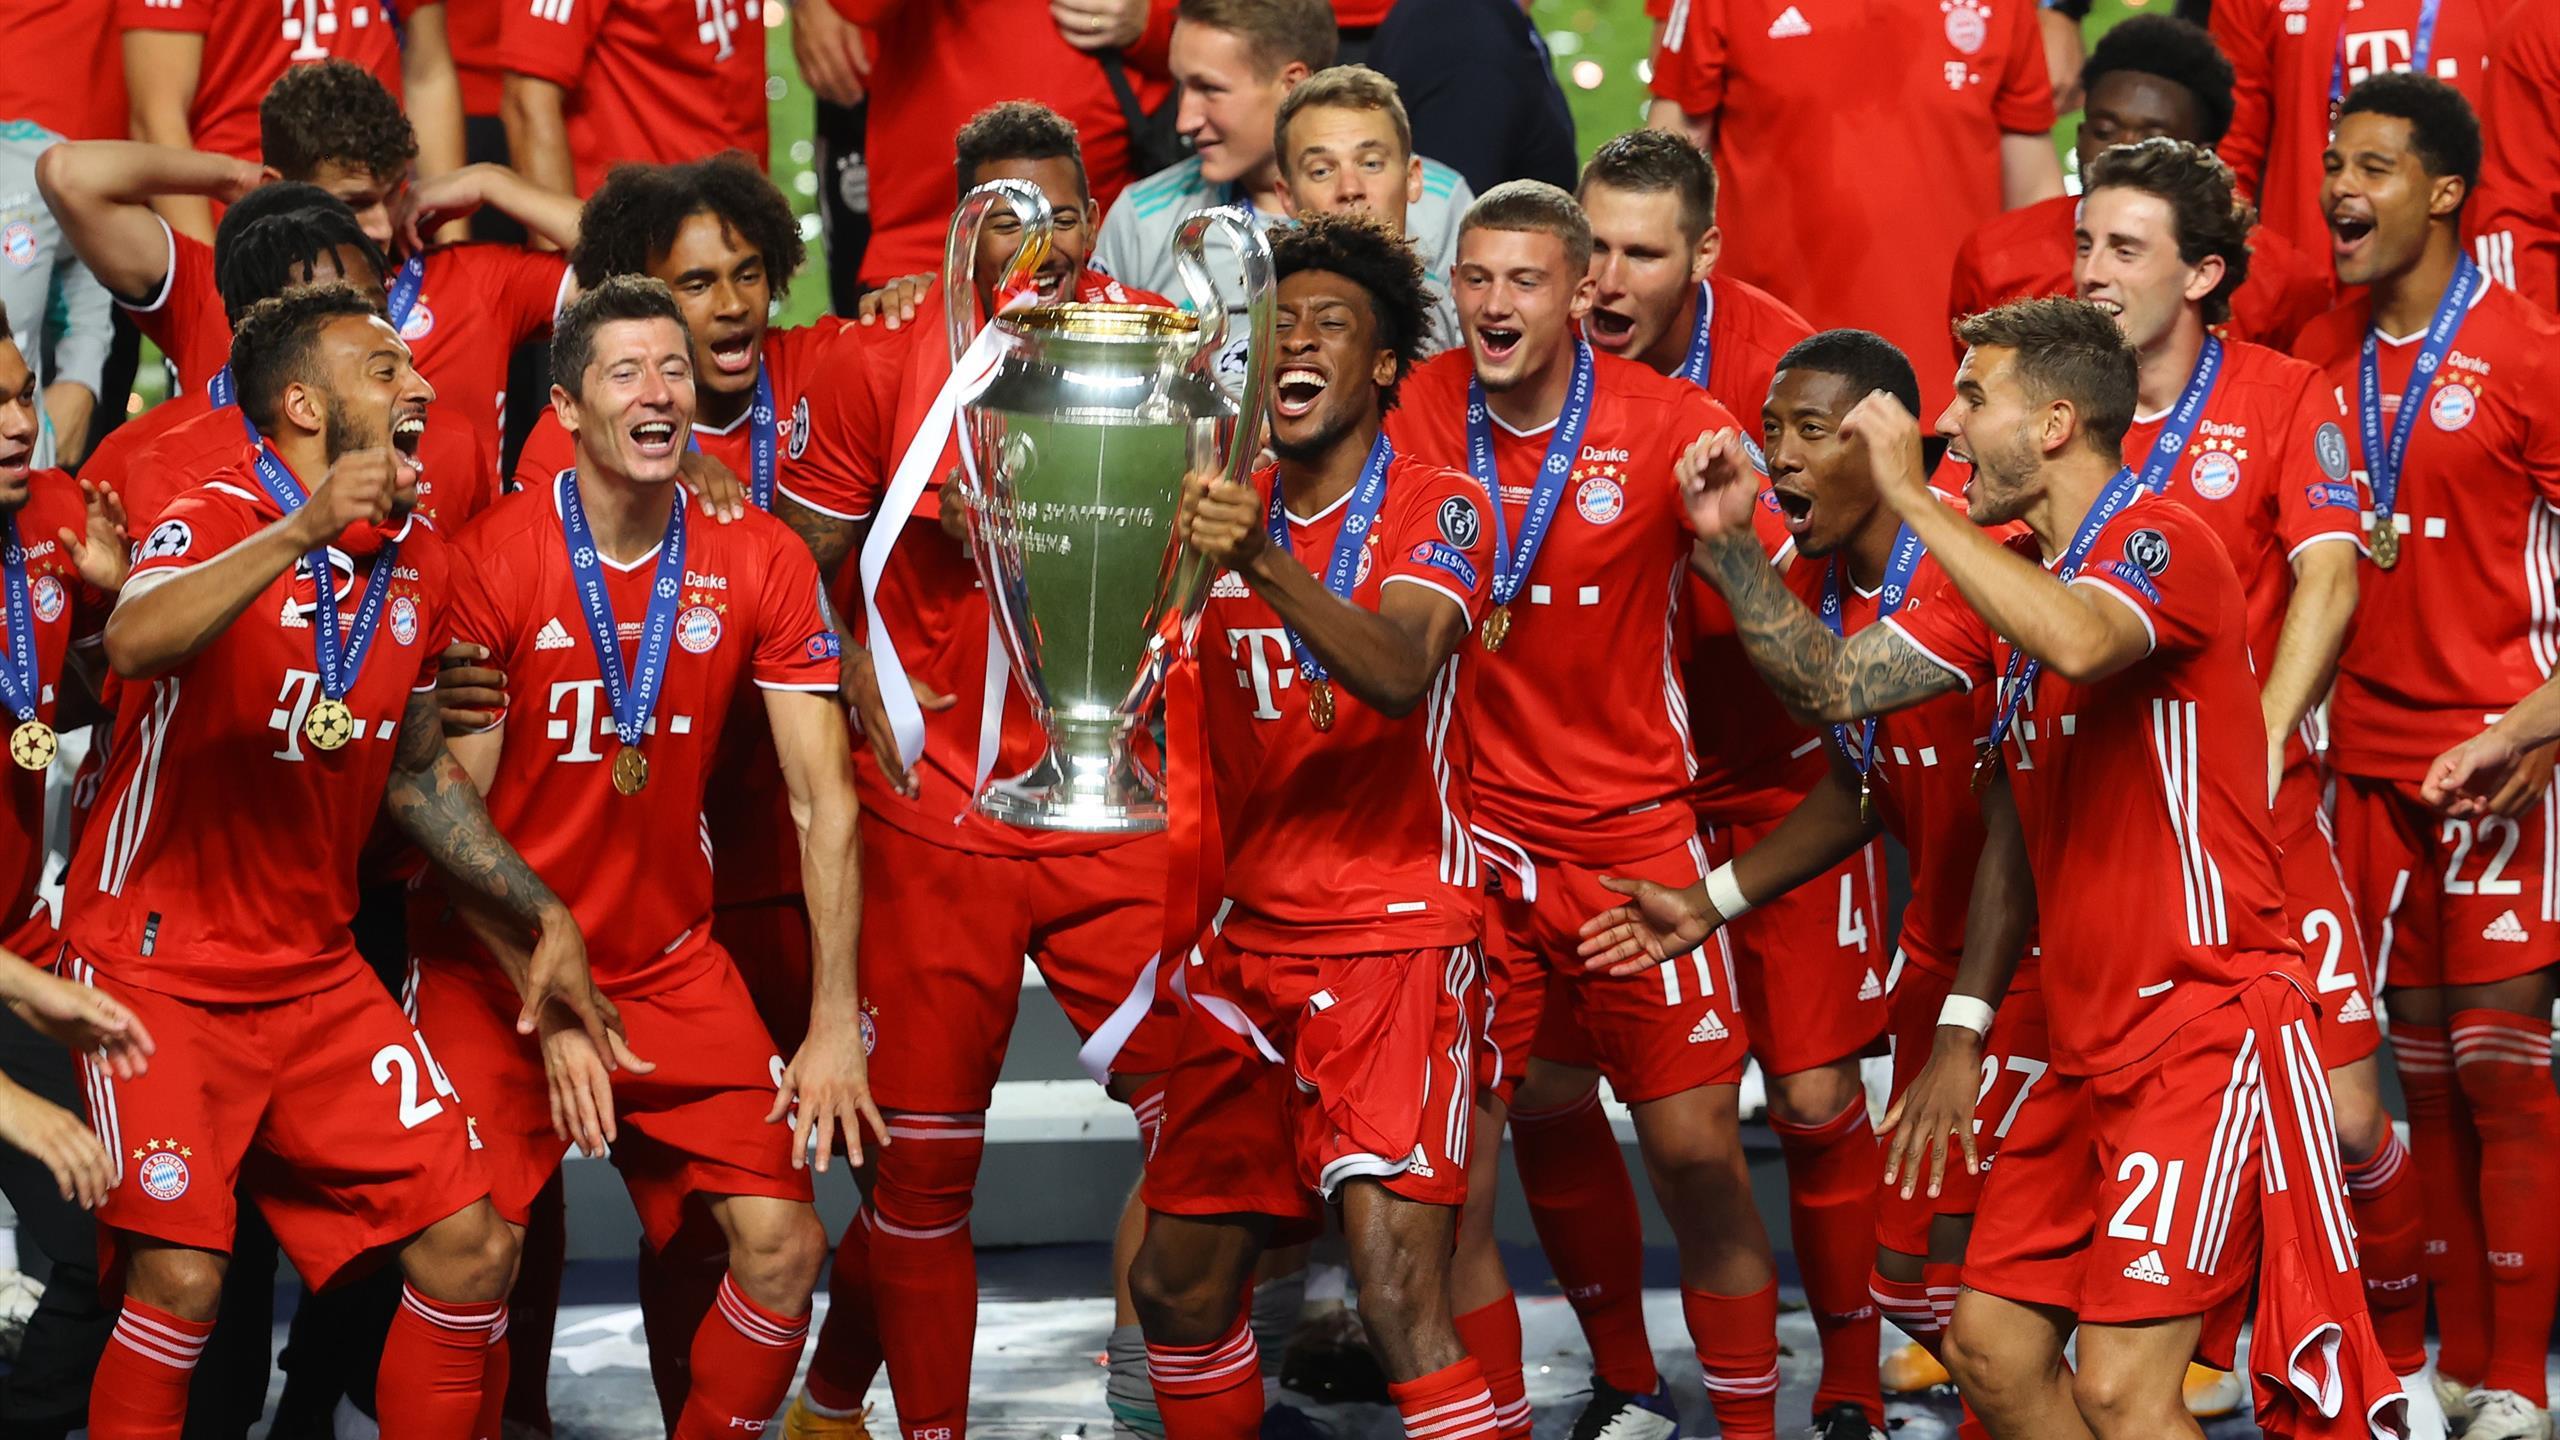 München Champions League